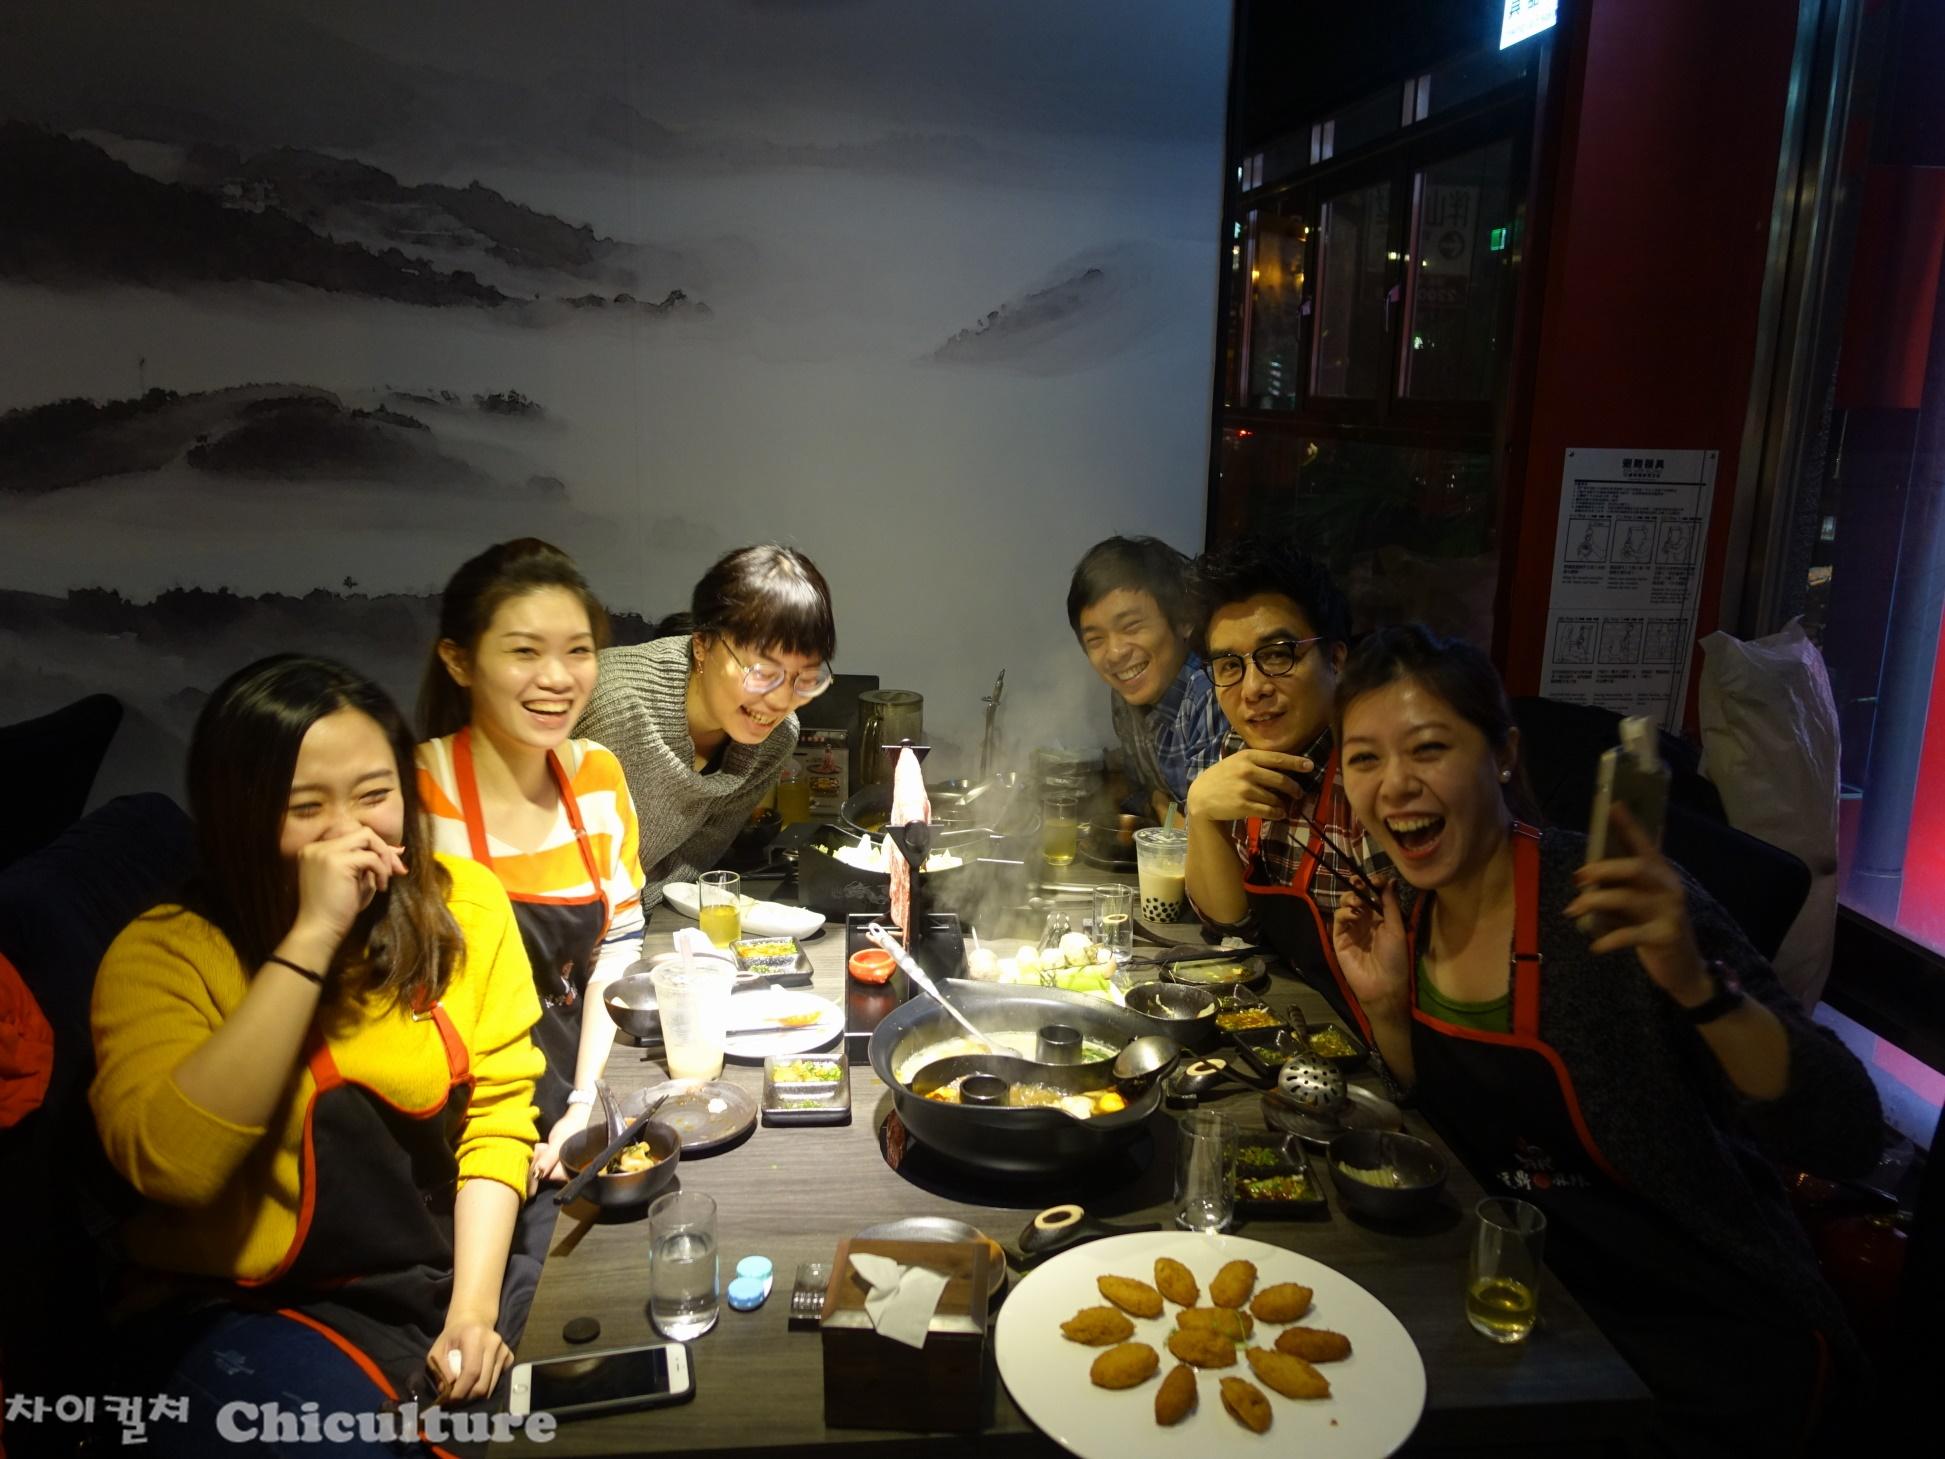 대만지인들과 훠궈로 연말식사 풍경